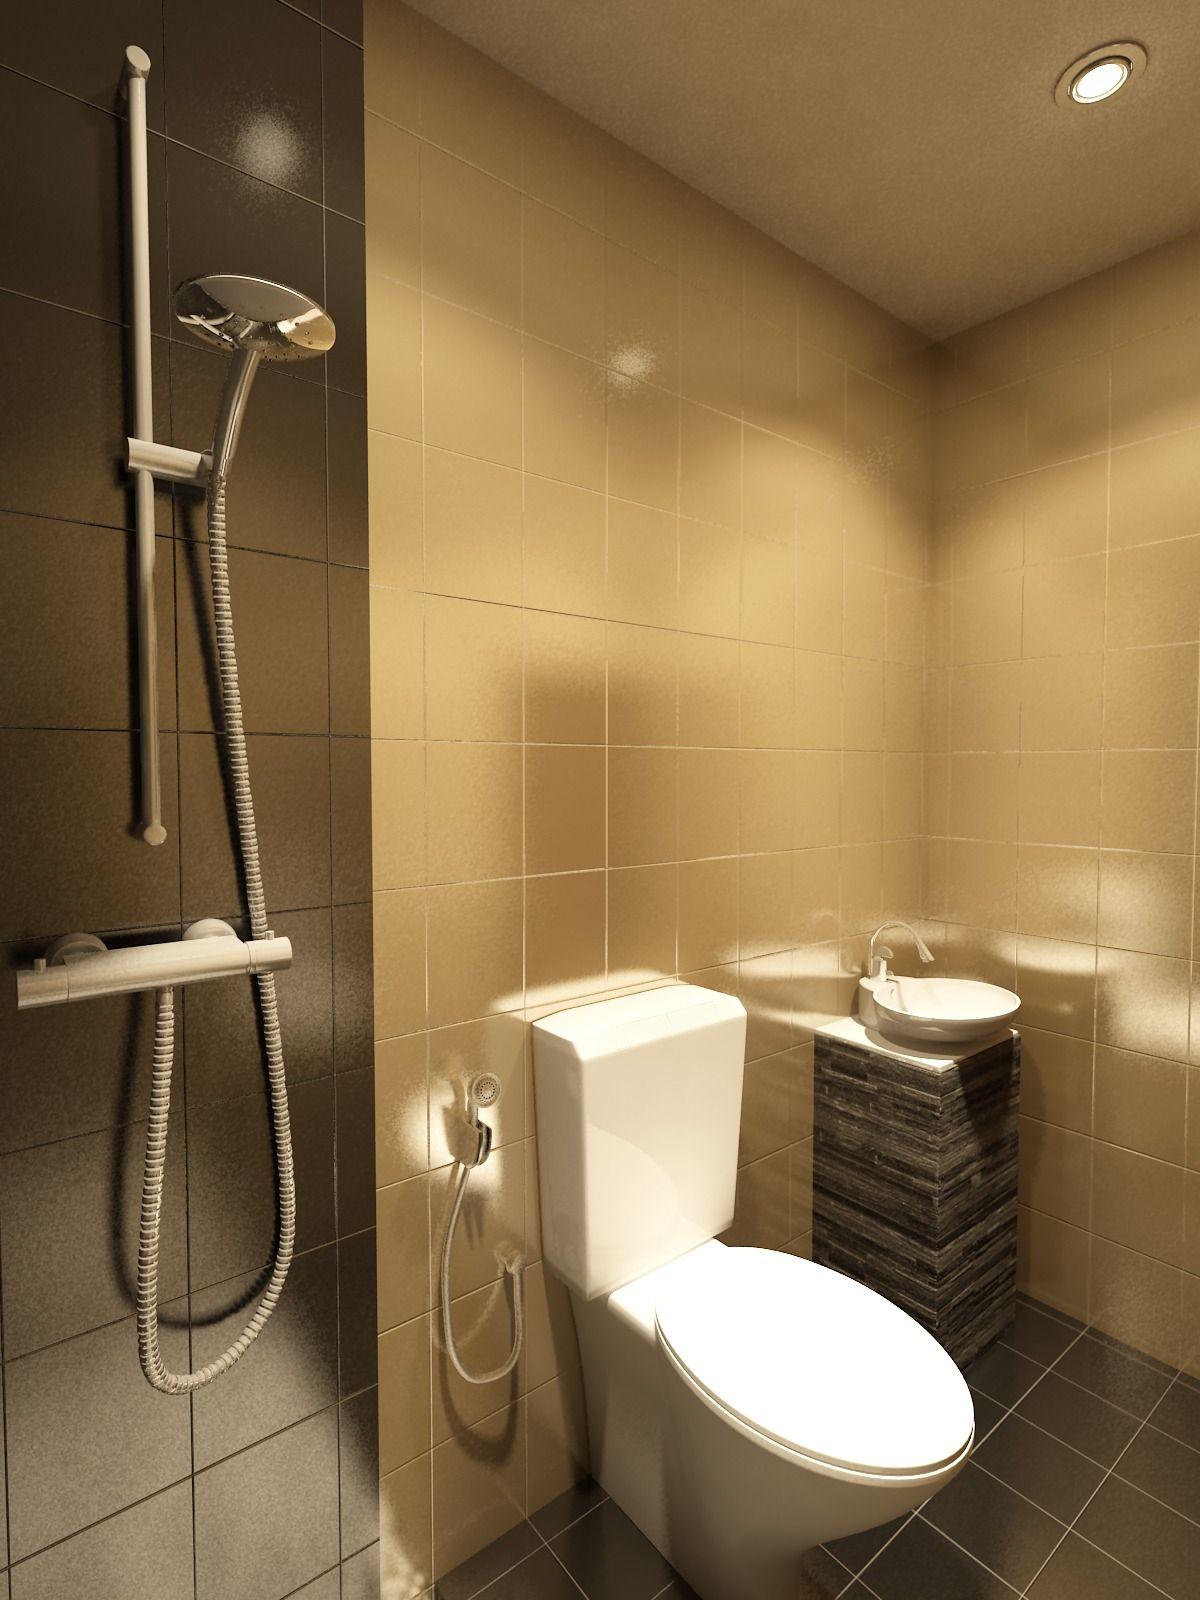 Gaya Modern Ala Hotel Kamar Mandi Minimalis Desain Inspirasi